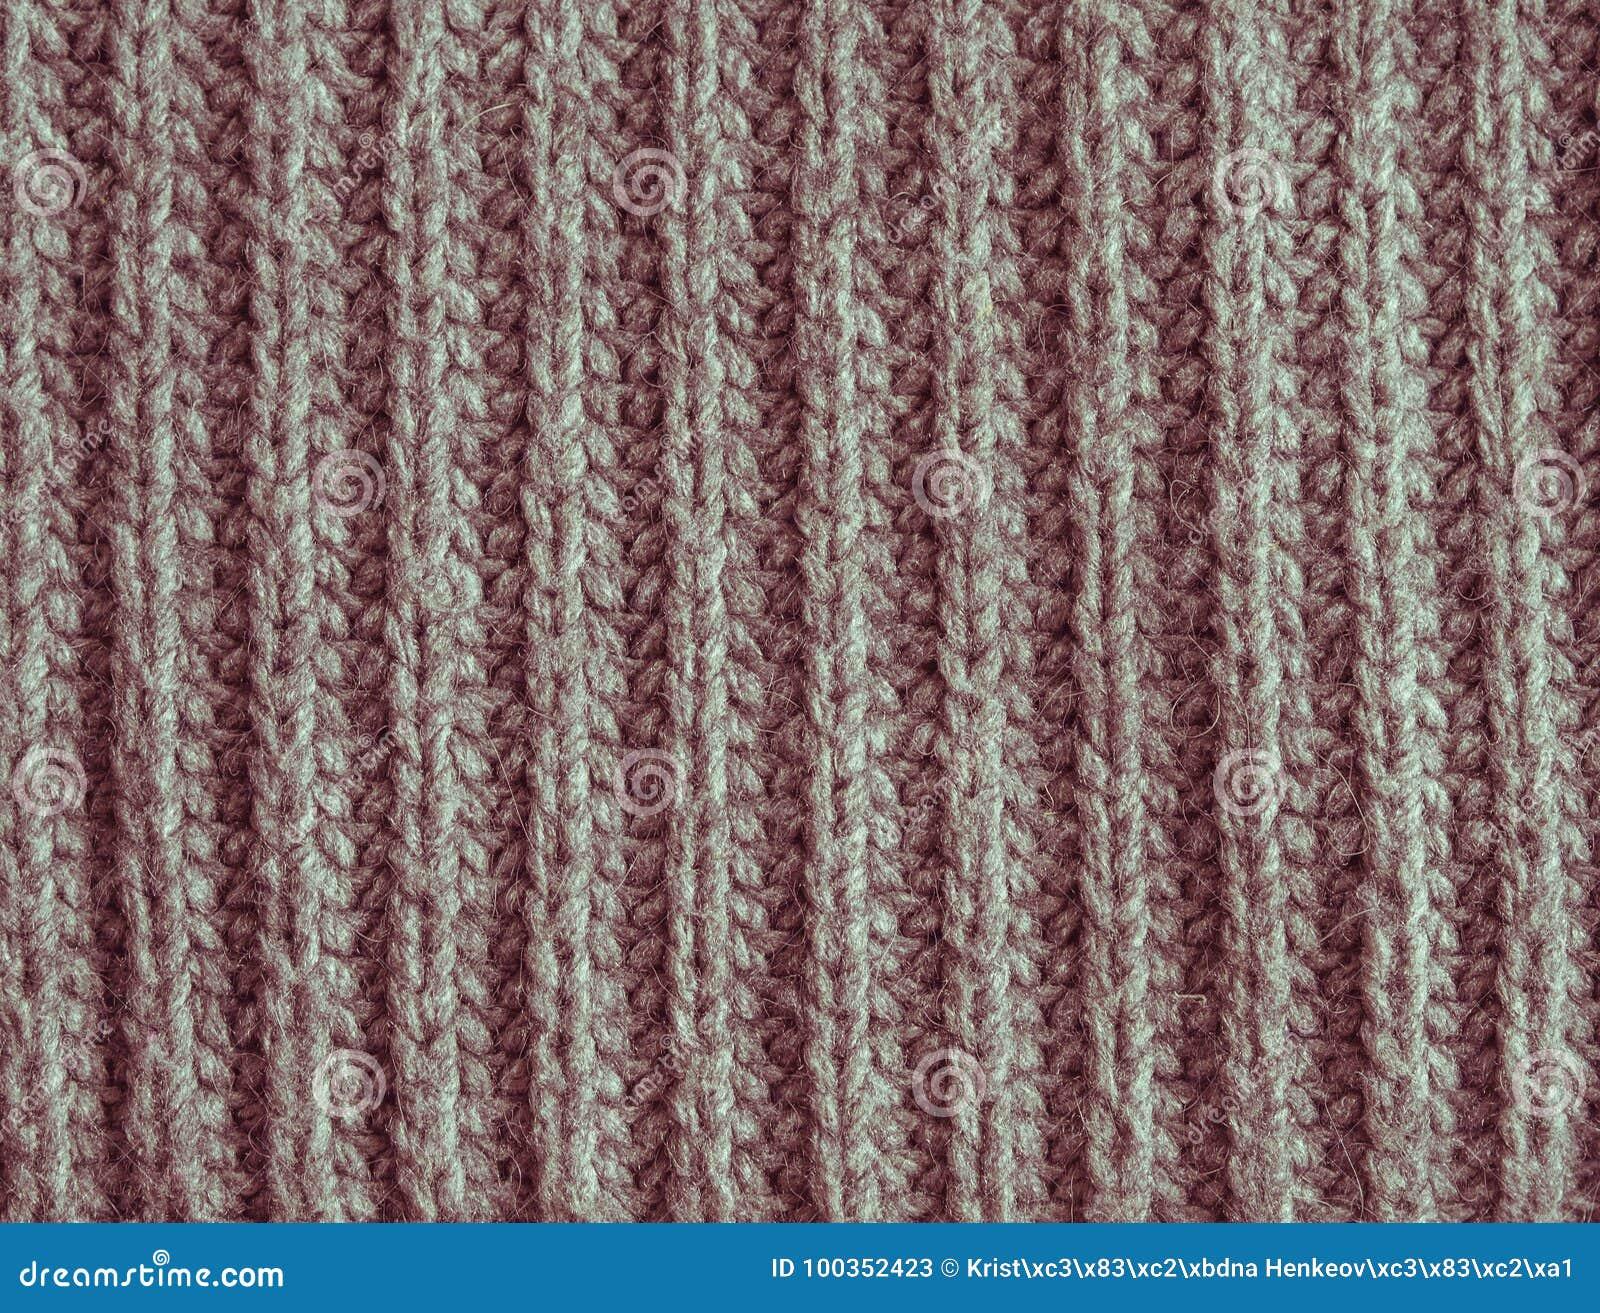 Παλαιός εξασθενίστε το κόκκινο ή ρόδινο πλεκτό μαλλί αφηρημένο υπόβαθρο σύστασης